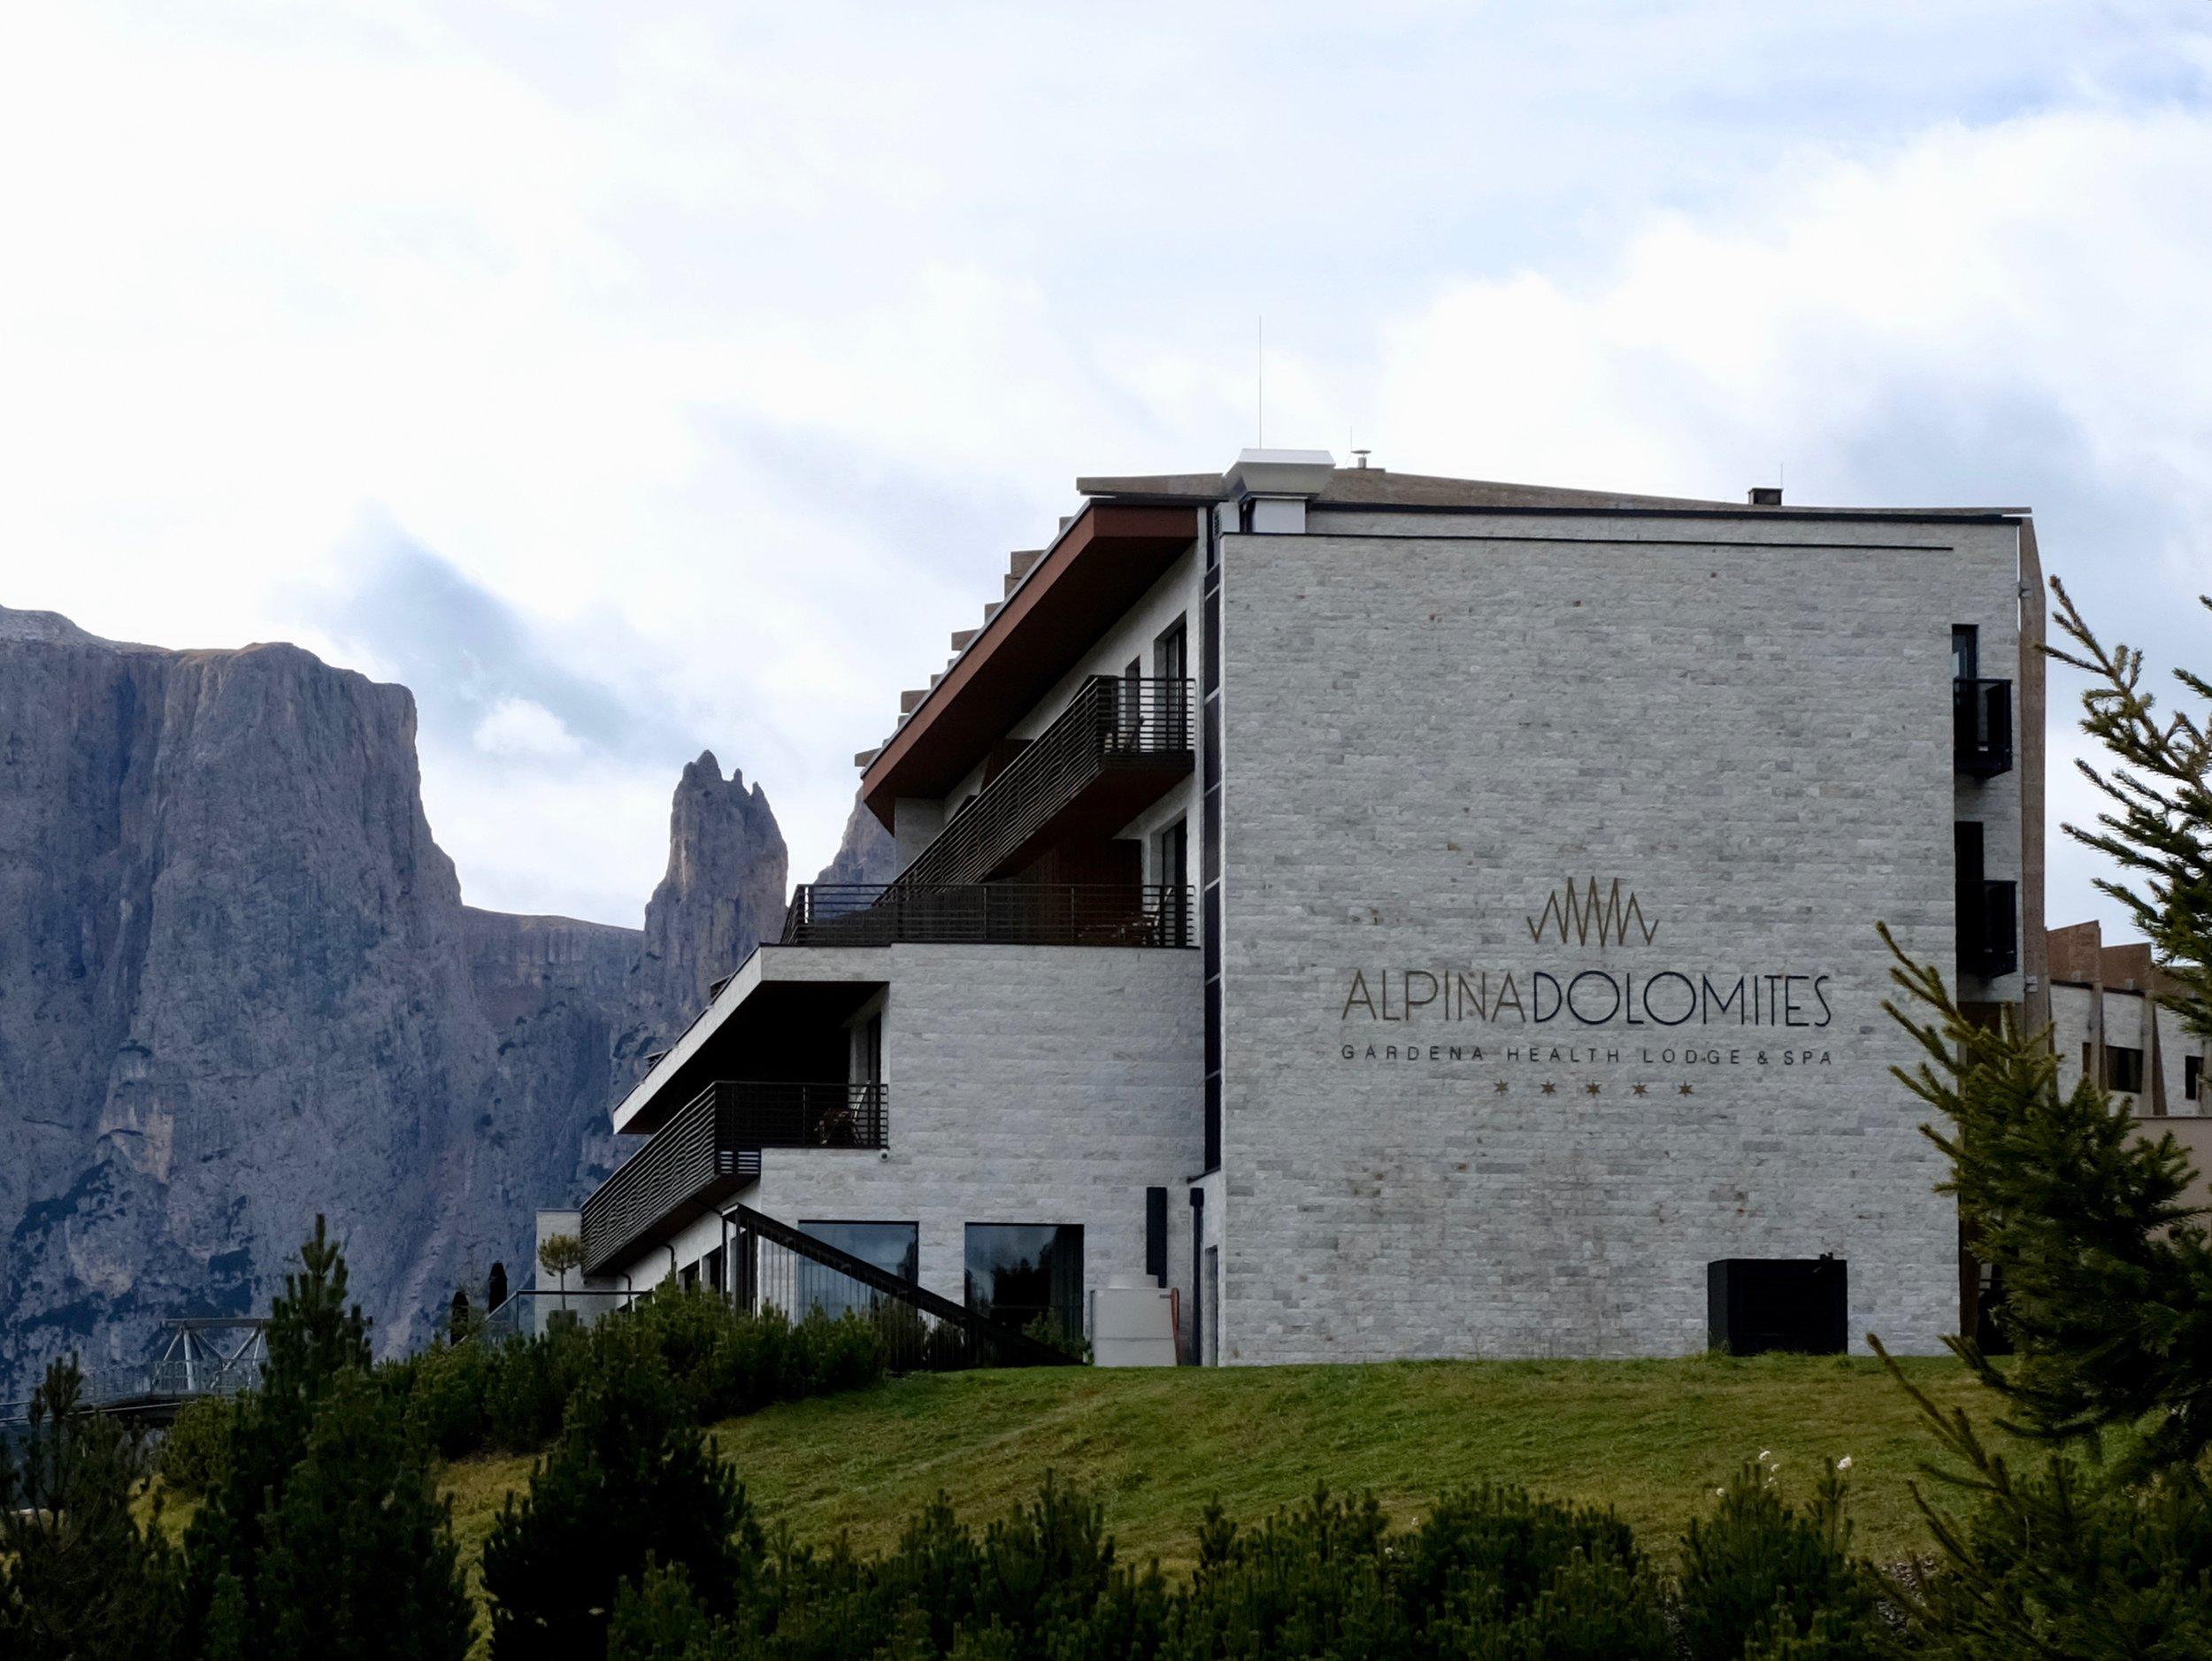 Süd-Tirol Seiser Alm Italien Reise-Tipps für den Herbst Beate Finken BeFifty Blog für Frauen über 40 und ab 50. Alpinen Dolomites Hotel